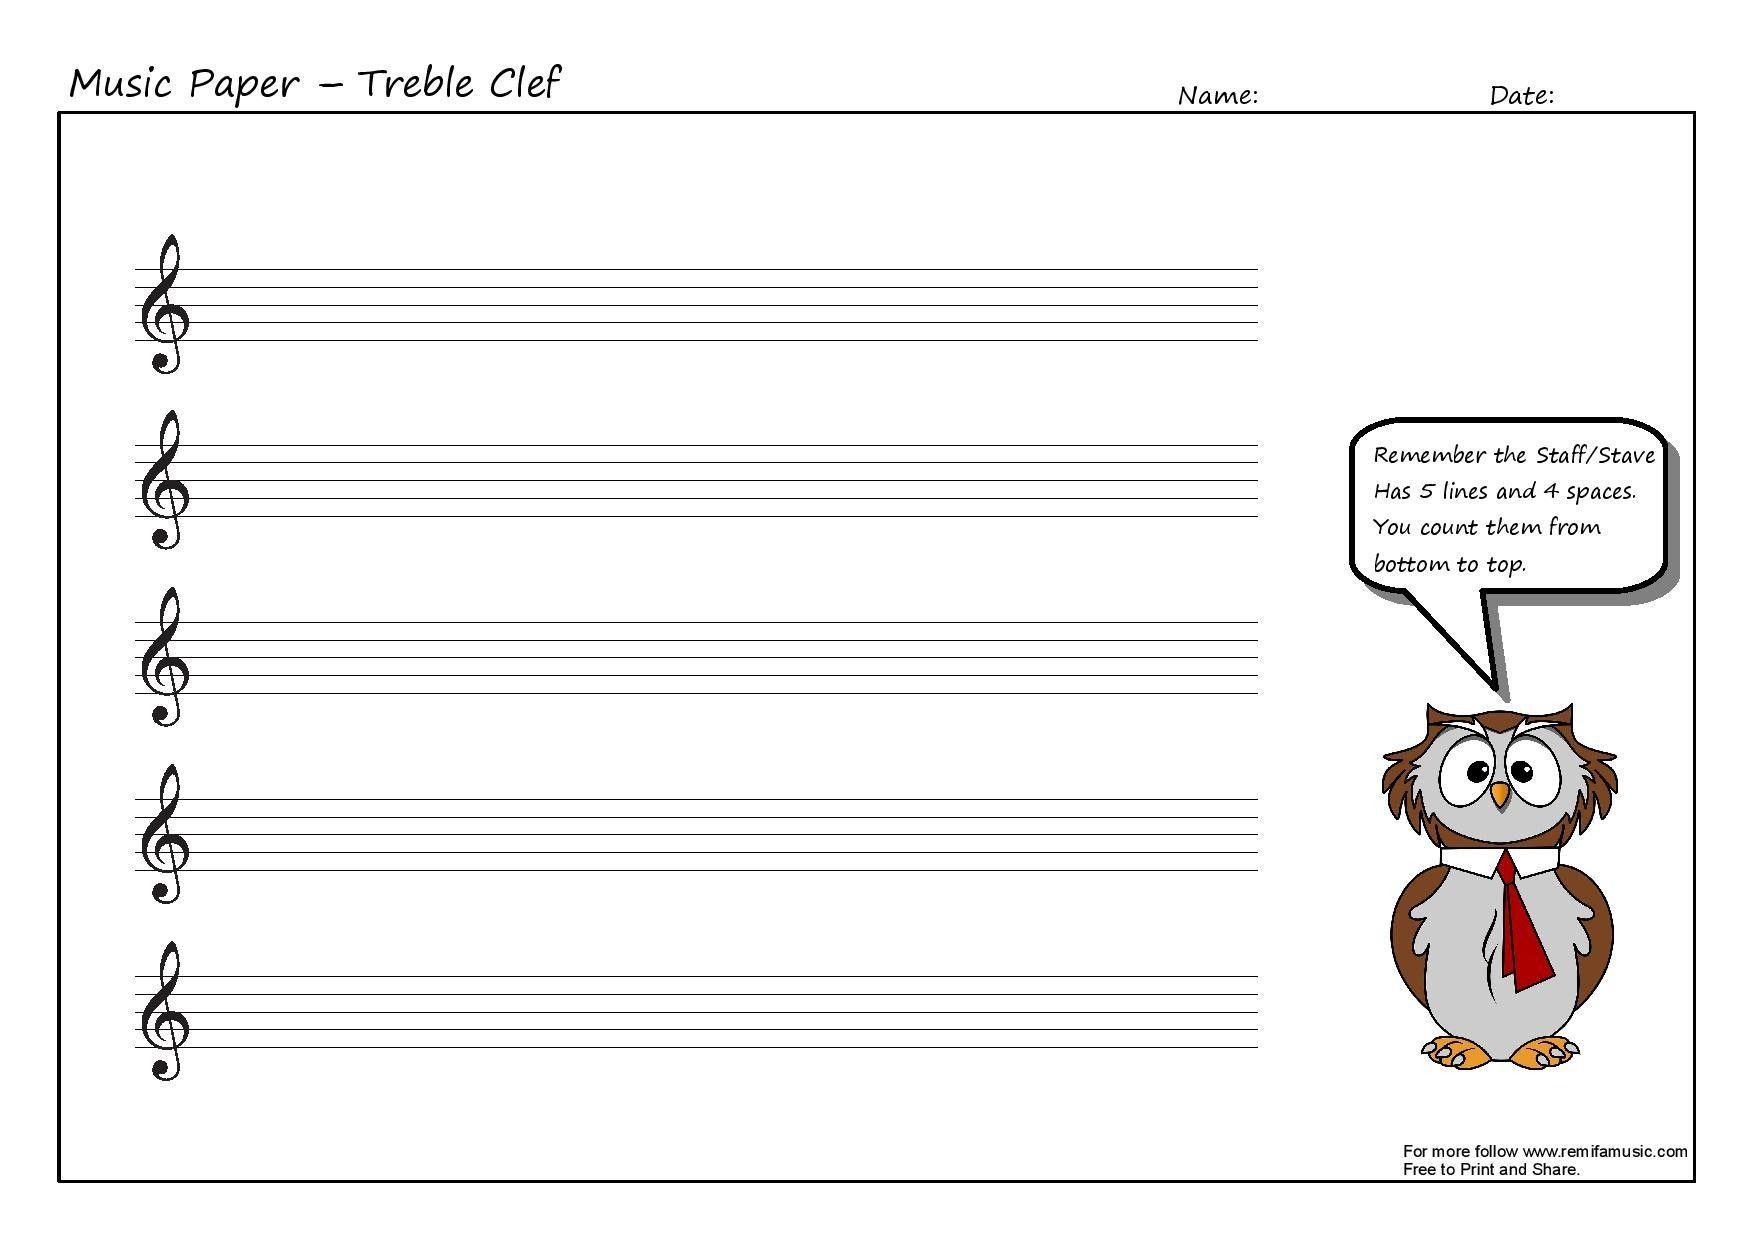 Treble Clef Ledger Lines Worksheet